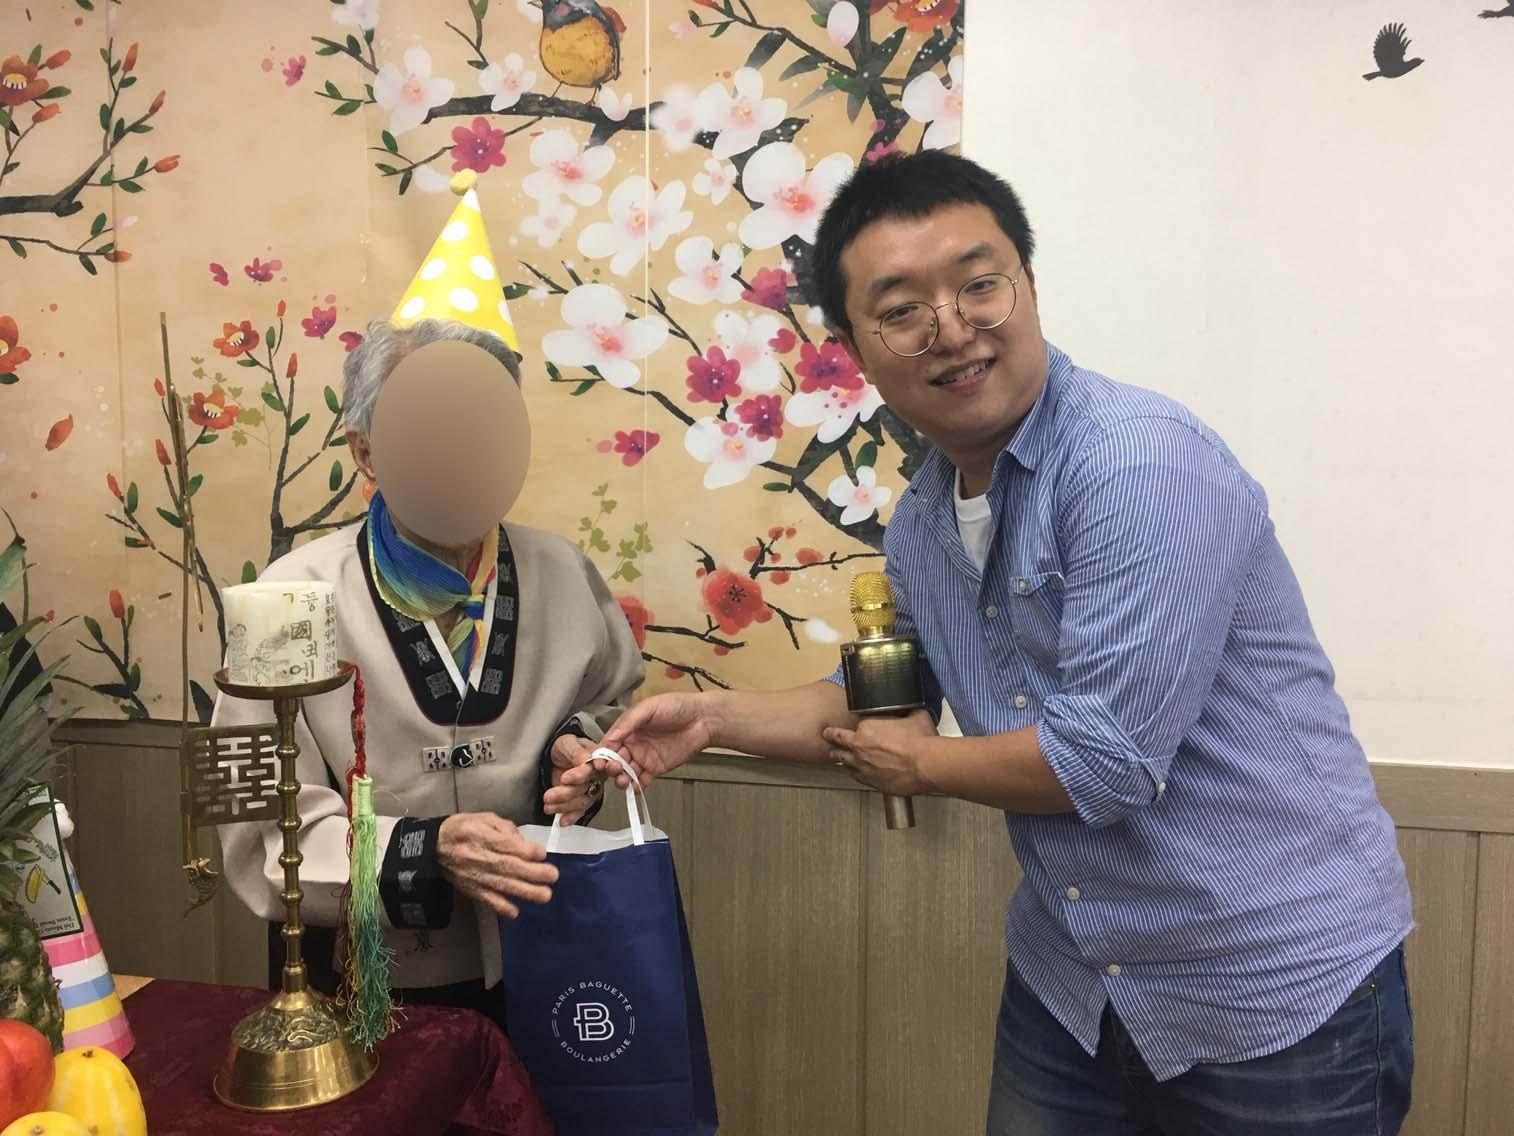 선물증정도 해드렸습니다. 어르신 축하드려요 ^^ 오래오래 만수무강하세요~!